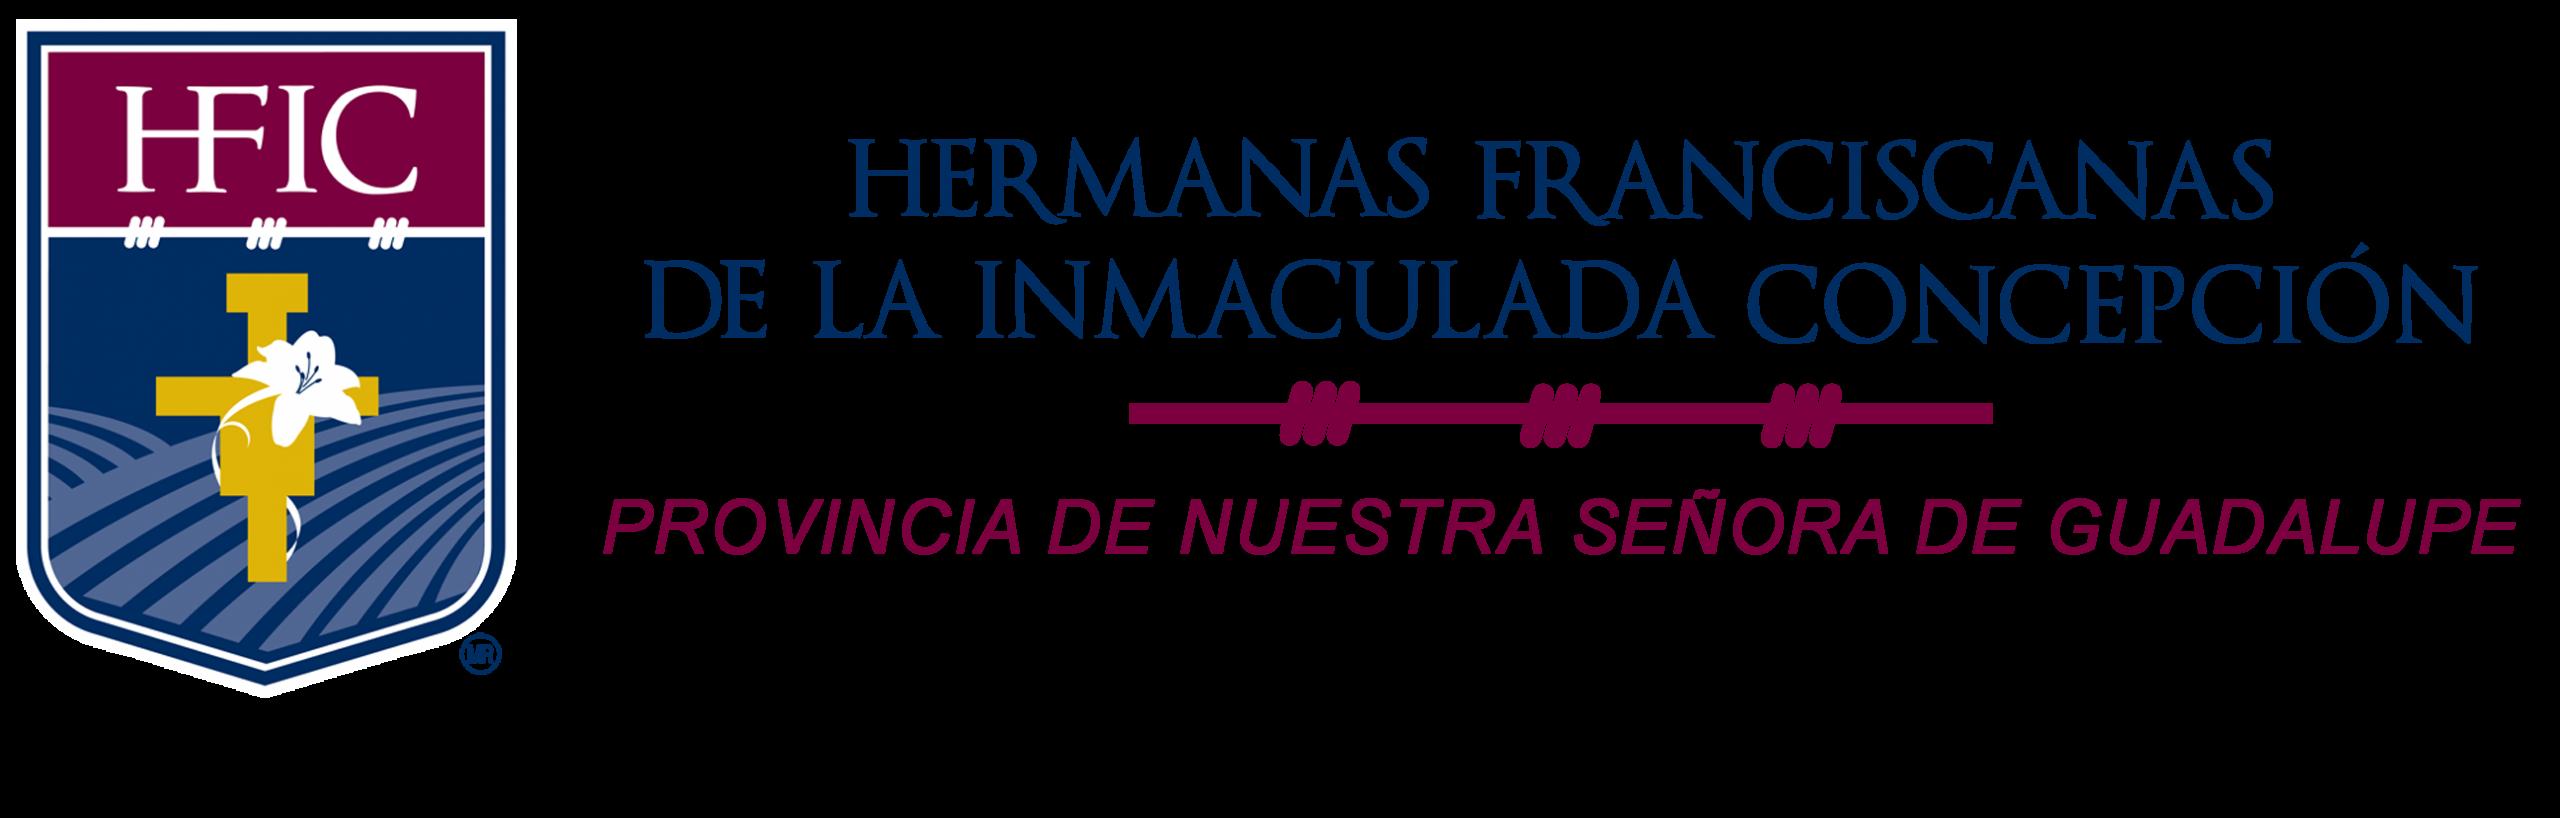 HFIC Provincia de Nuestra Señora de Guadalupe